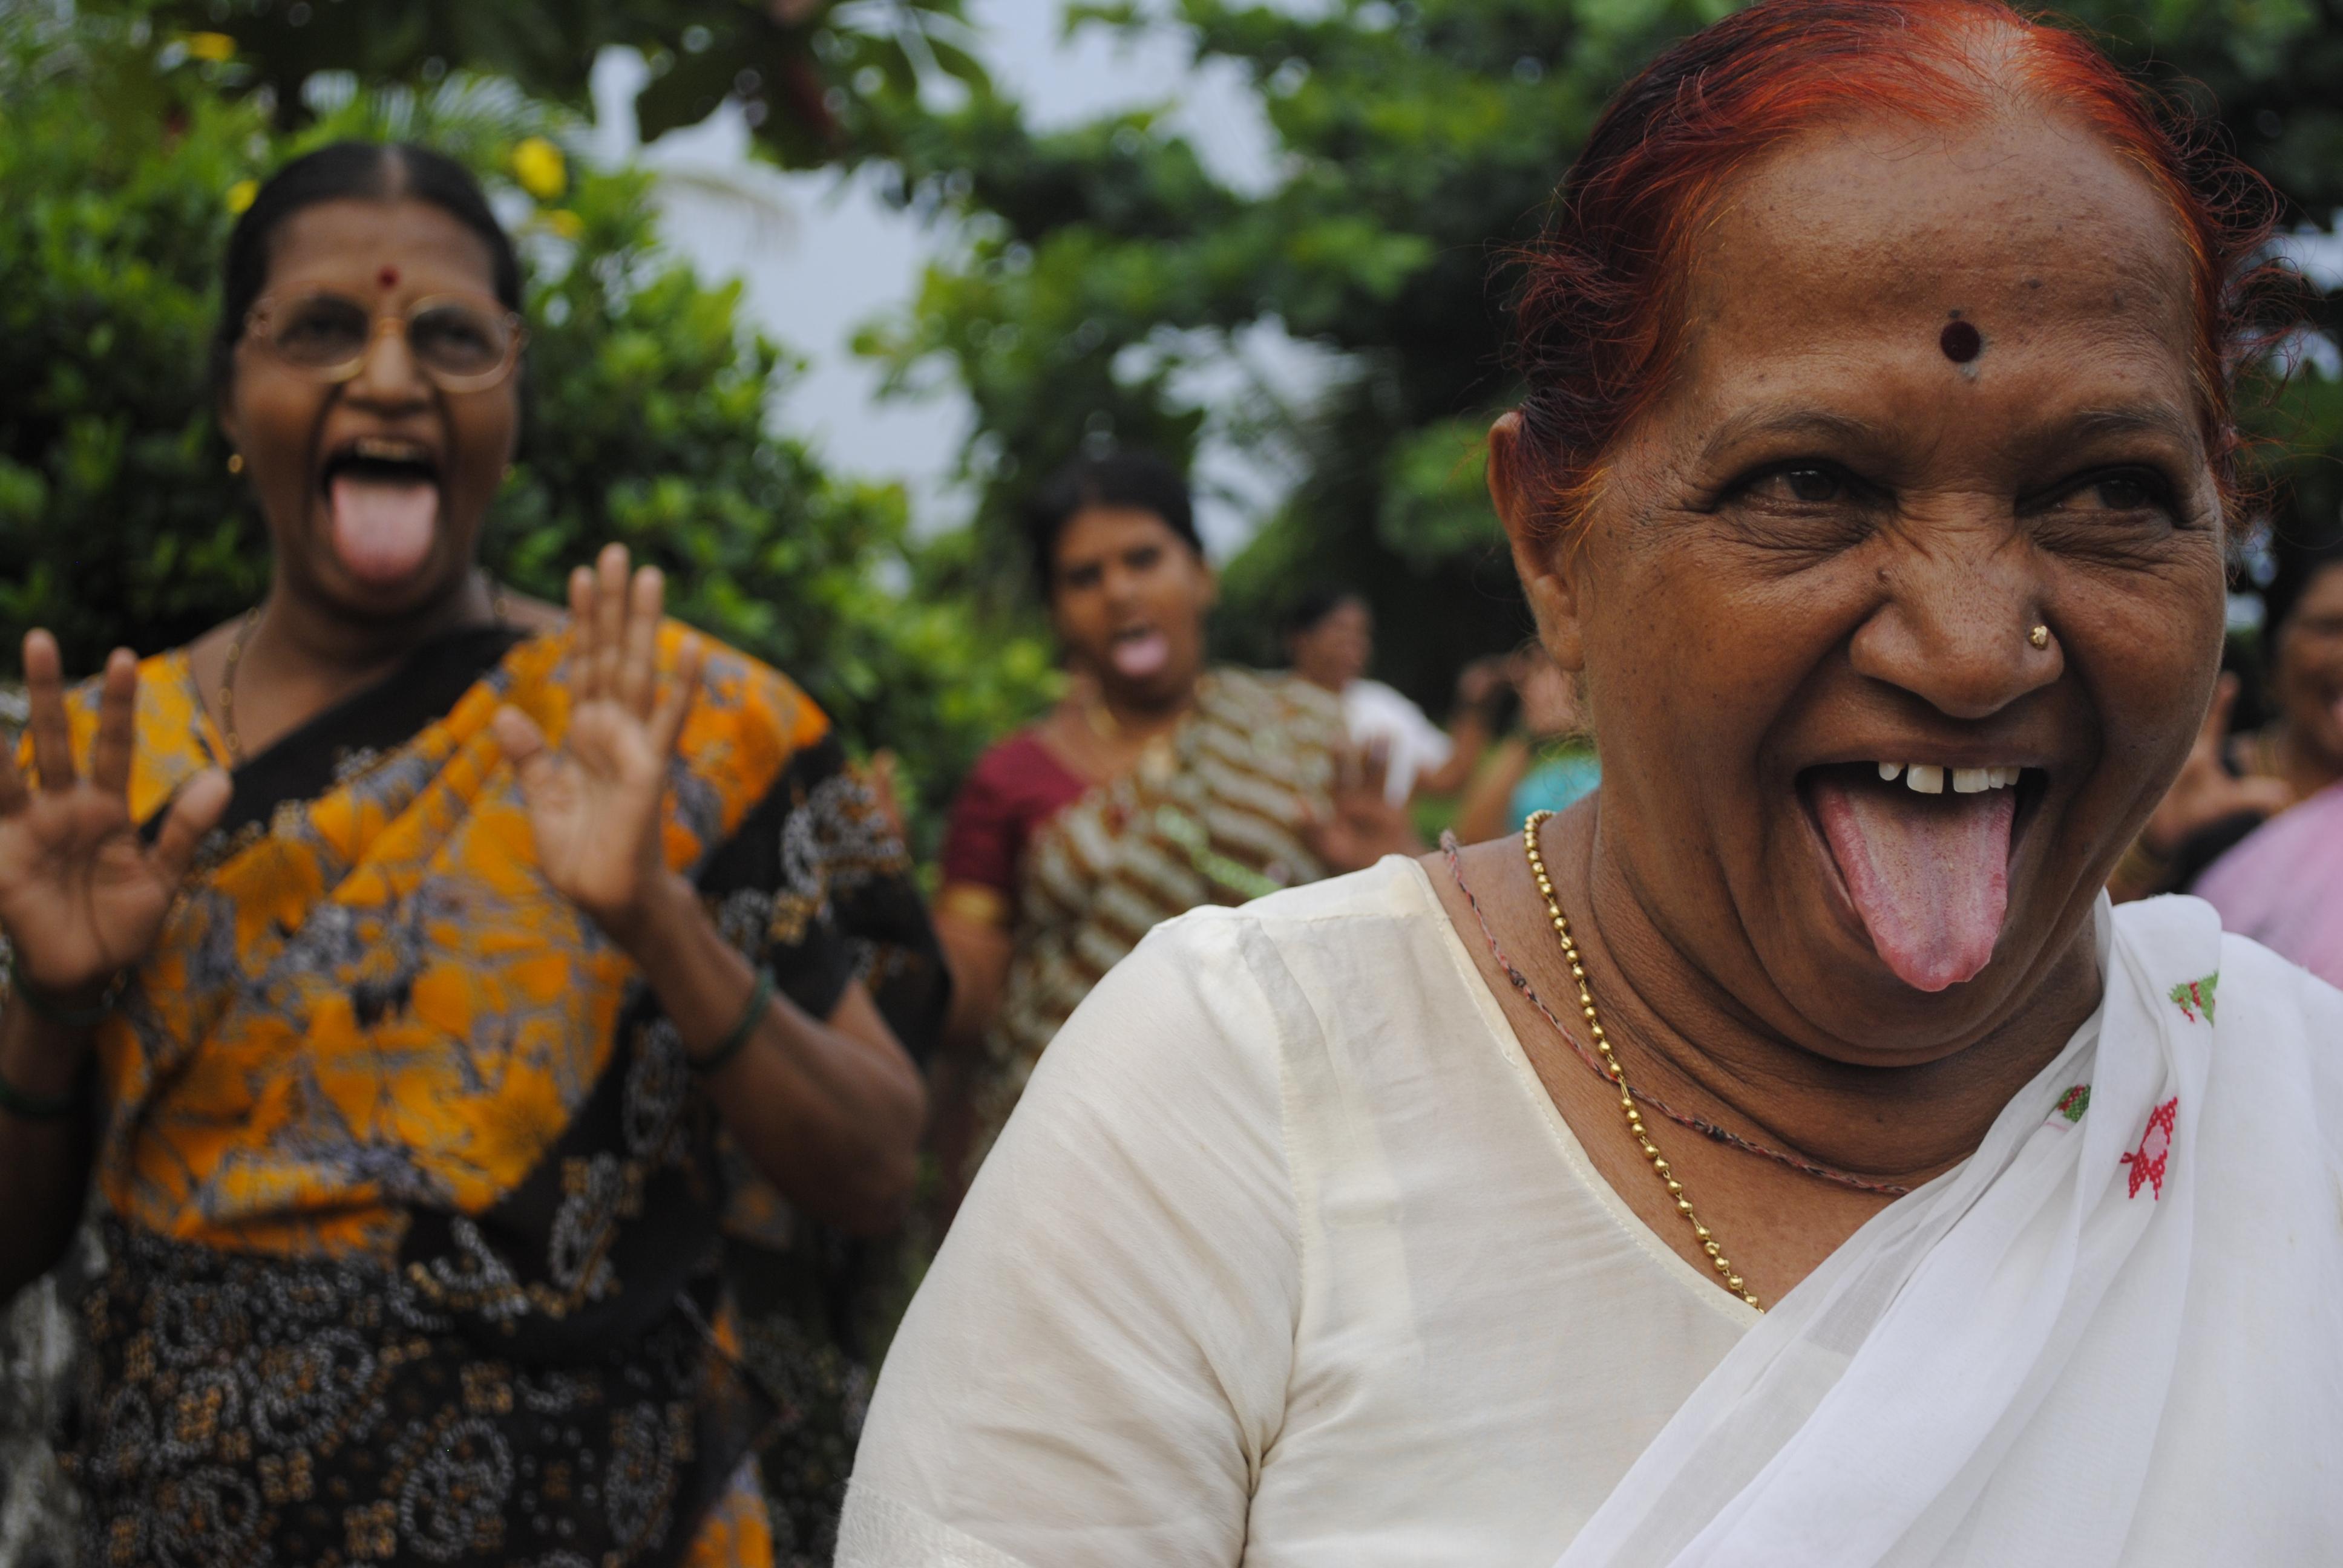 kvinner som liker å sprute ekstreme Munnsex